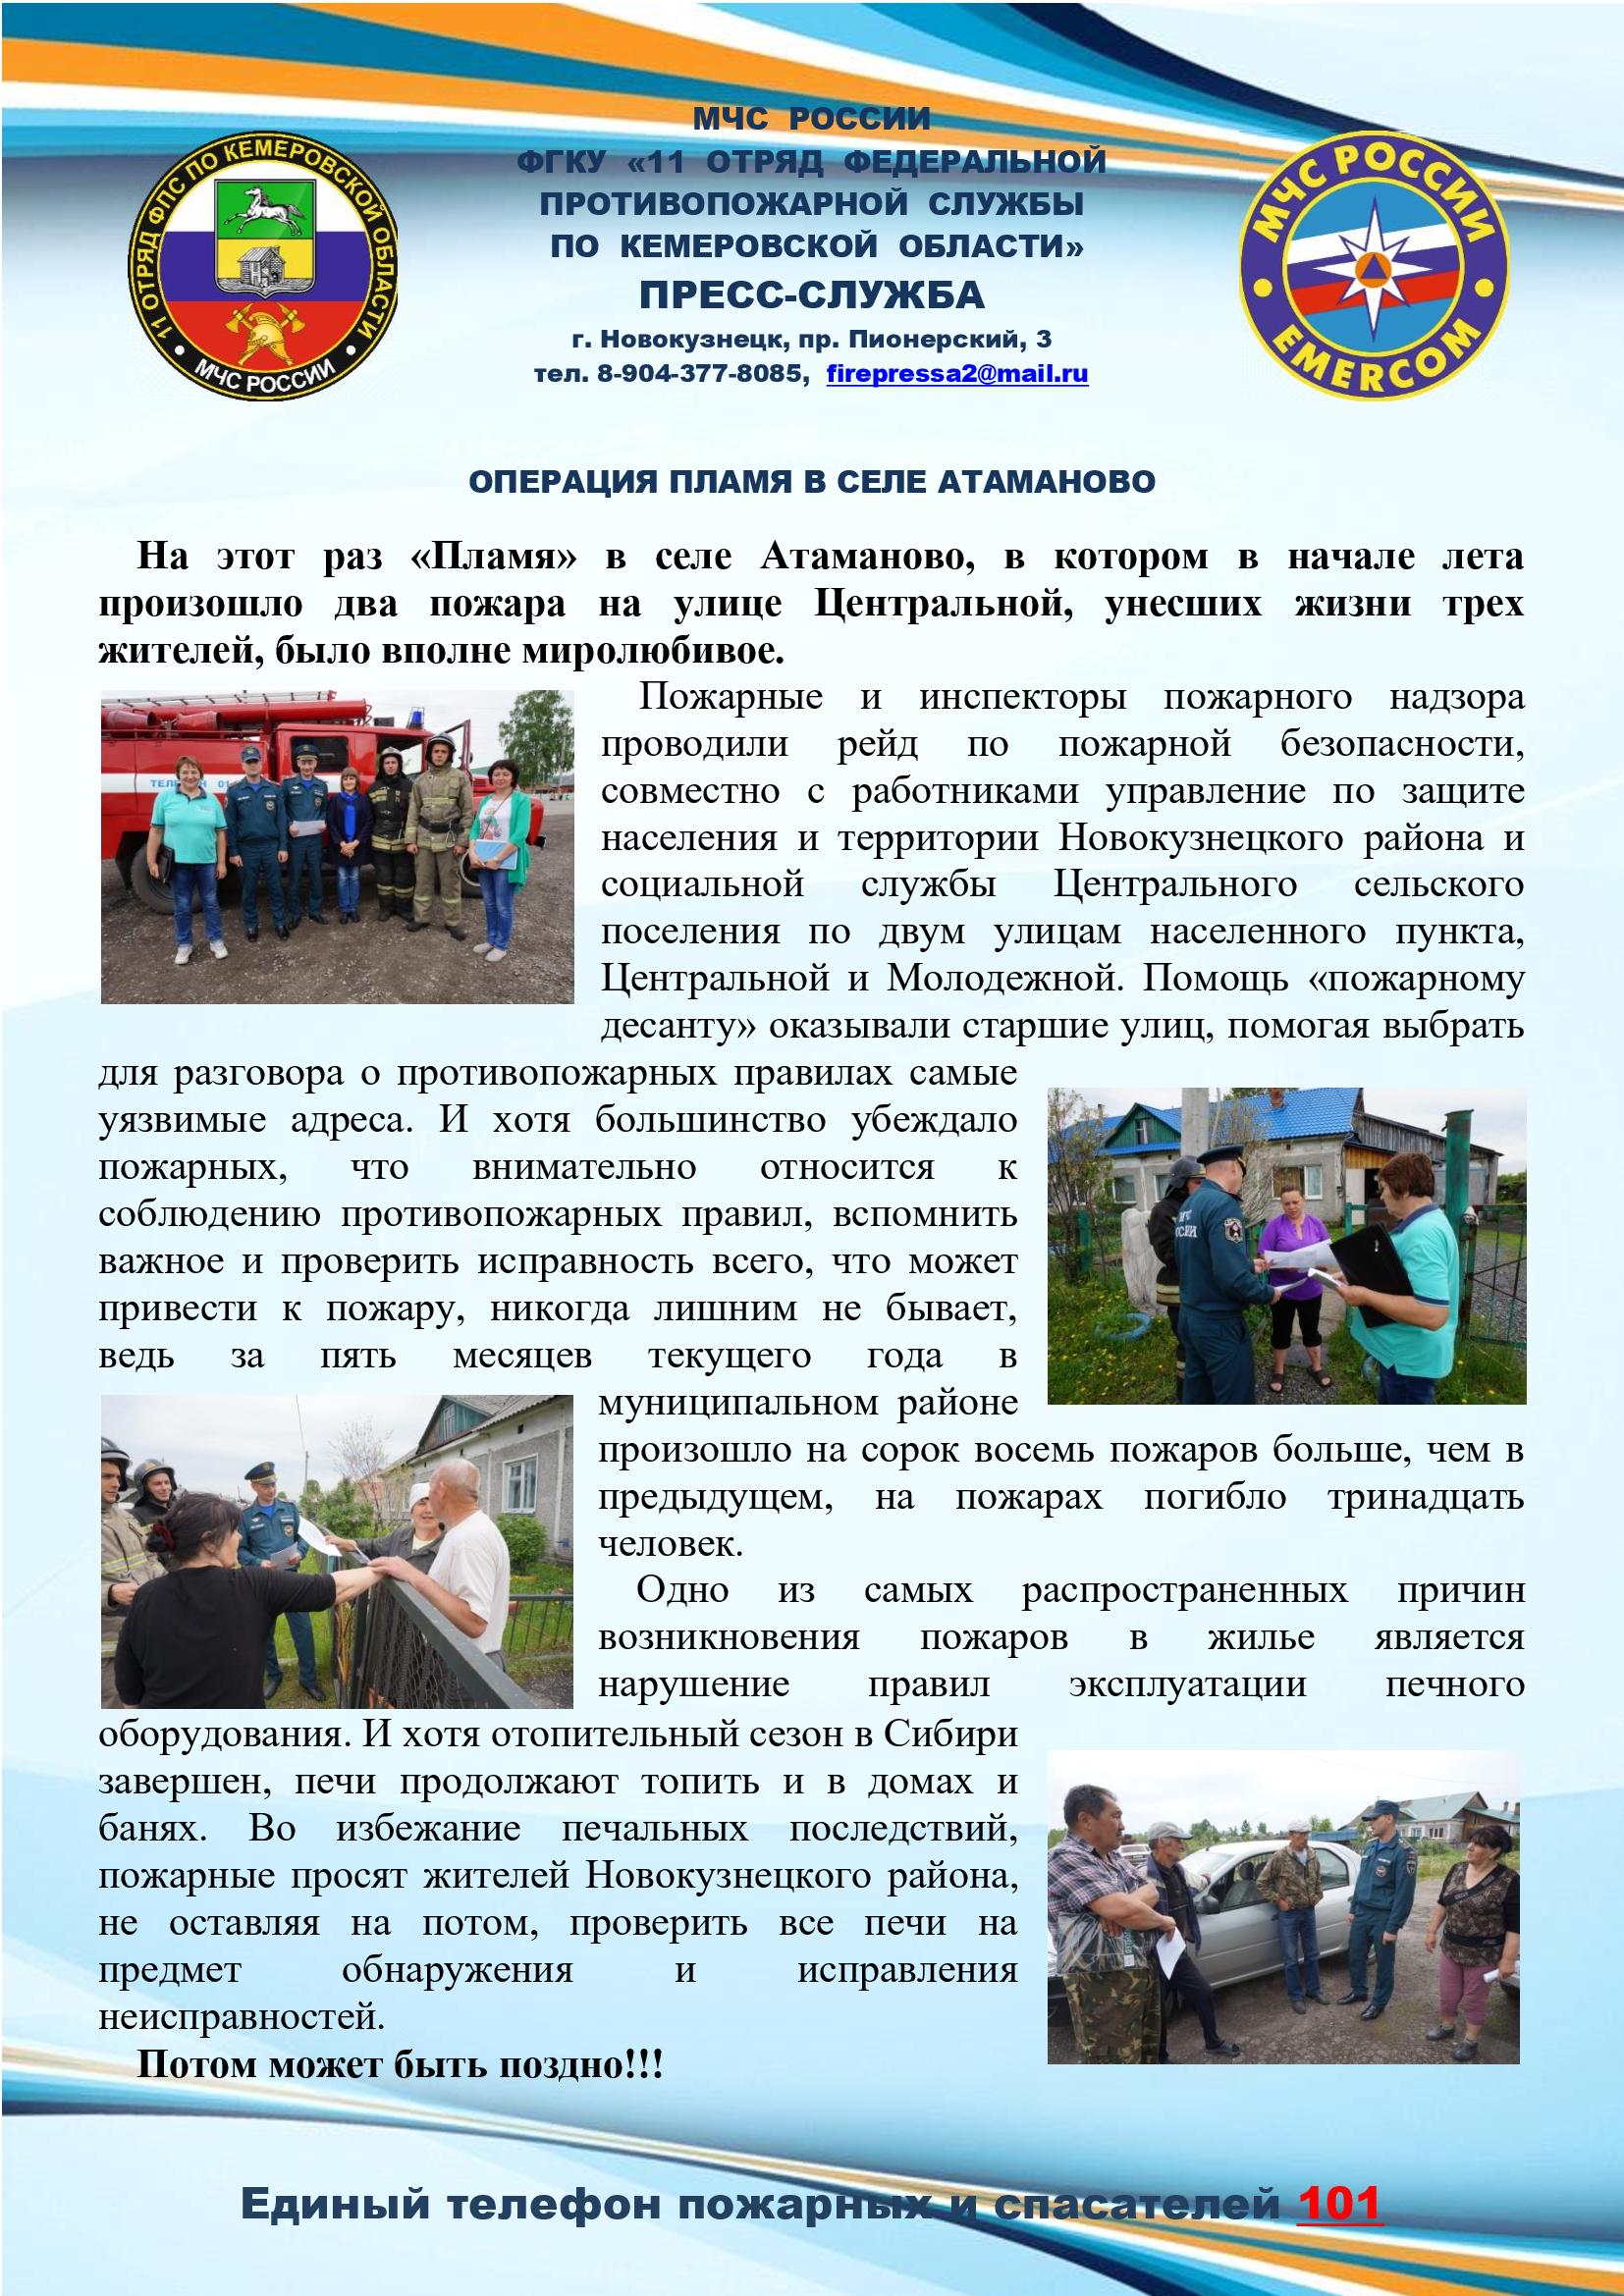 02-Операция-Пламя-в-Атаманово-07.06.2019- 1